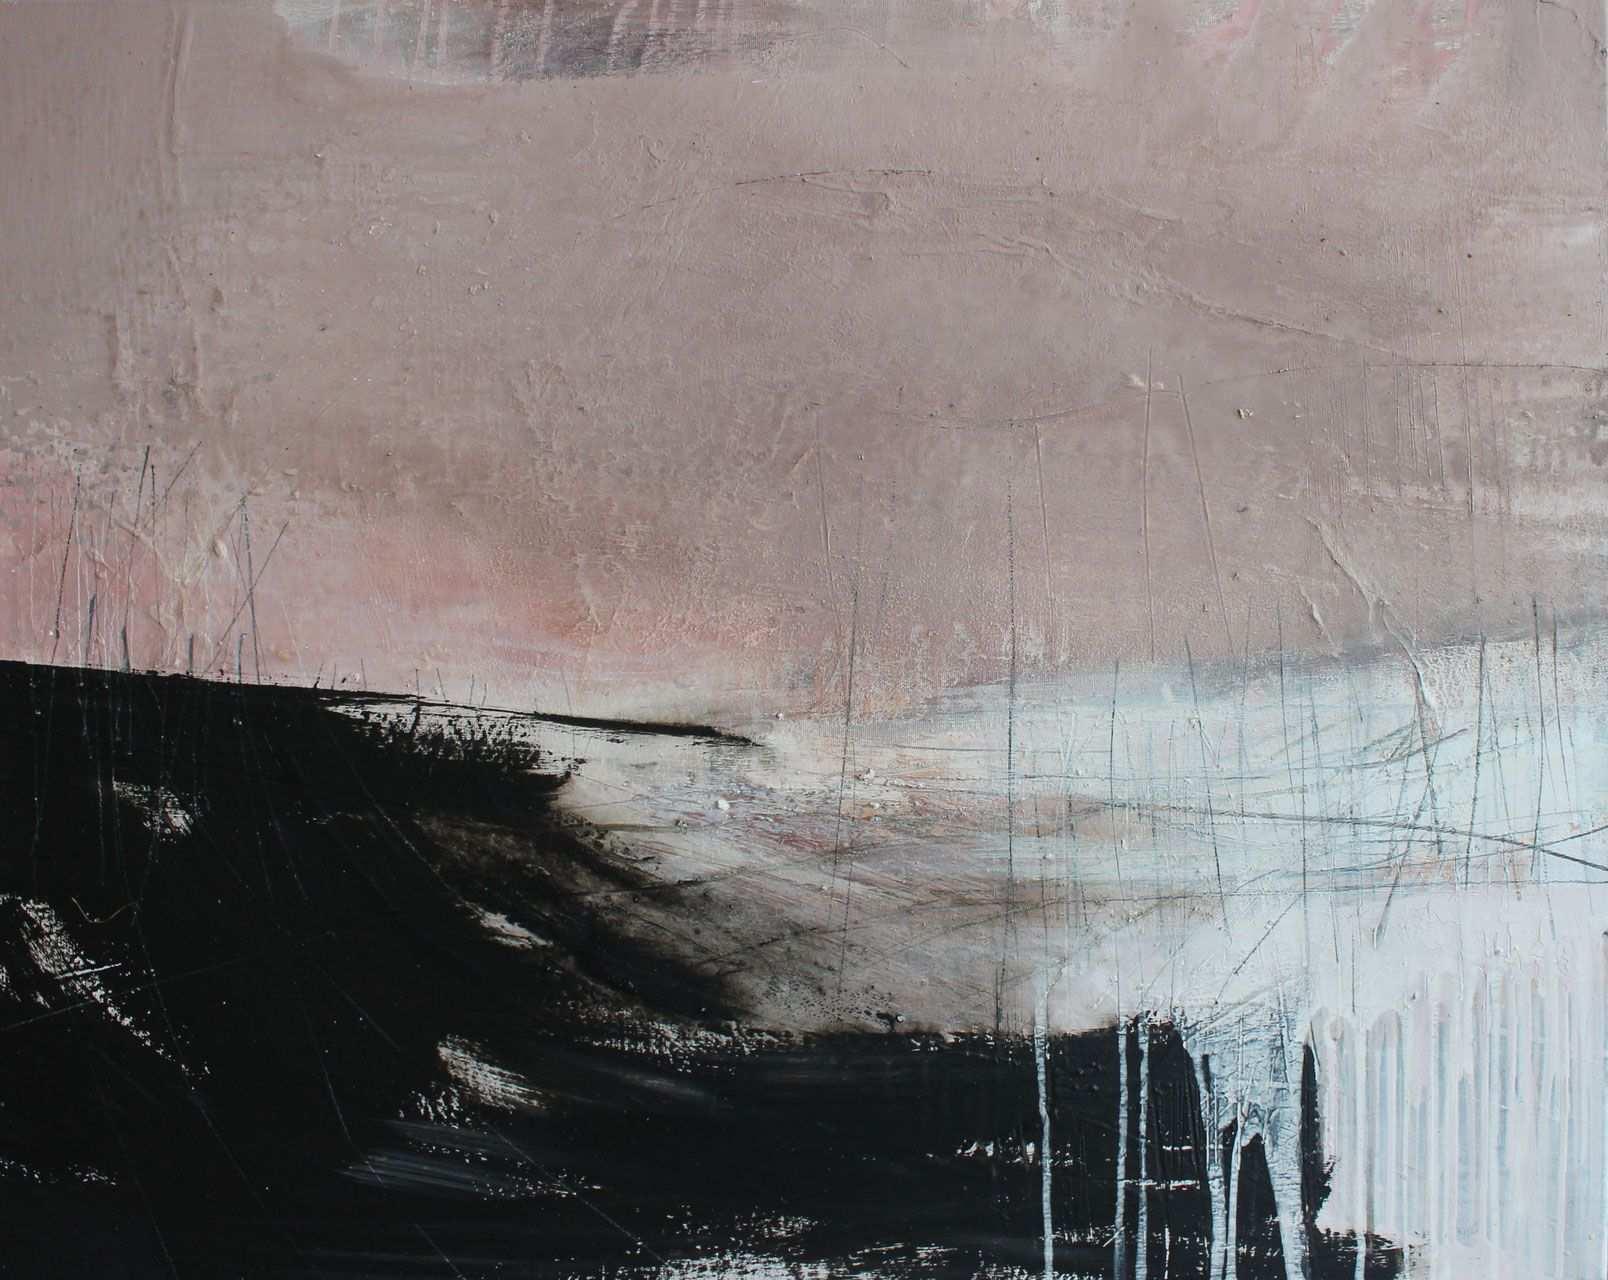 Shop Gemalde Abstrakte Malerei Und Gemalde Gross Im Kunstatelier Von Conny Niehoff Abstrakte Landschaften Abstrakte Malerei Abstrakt